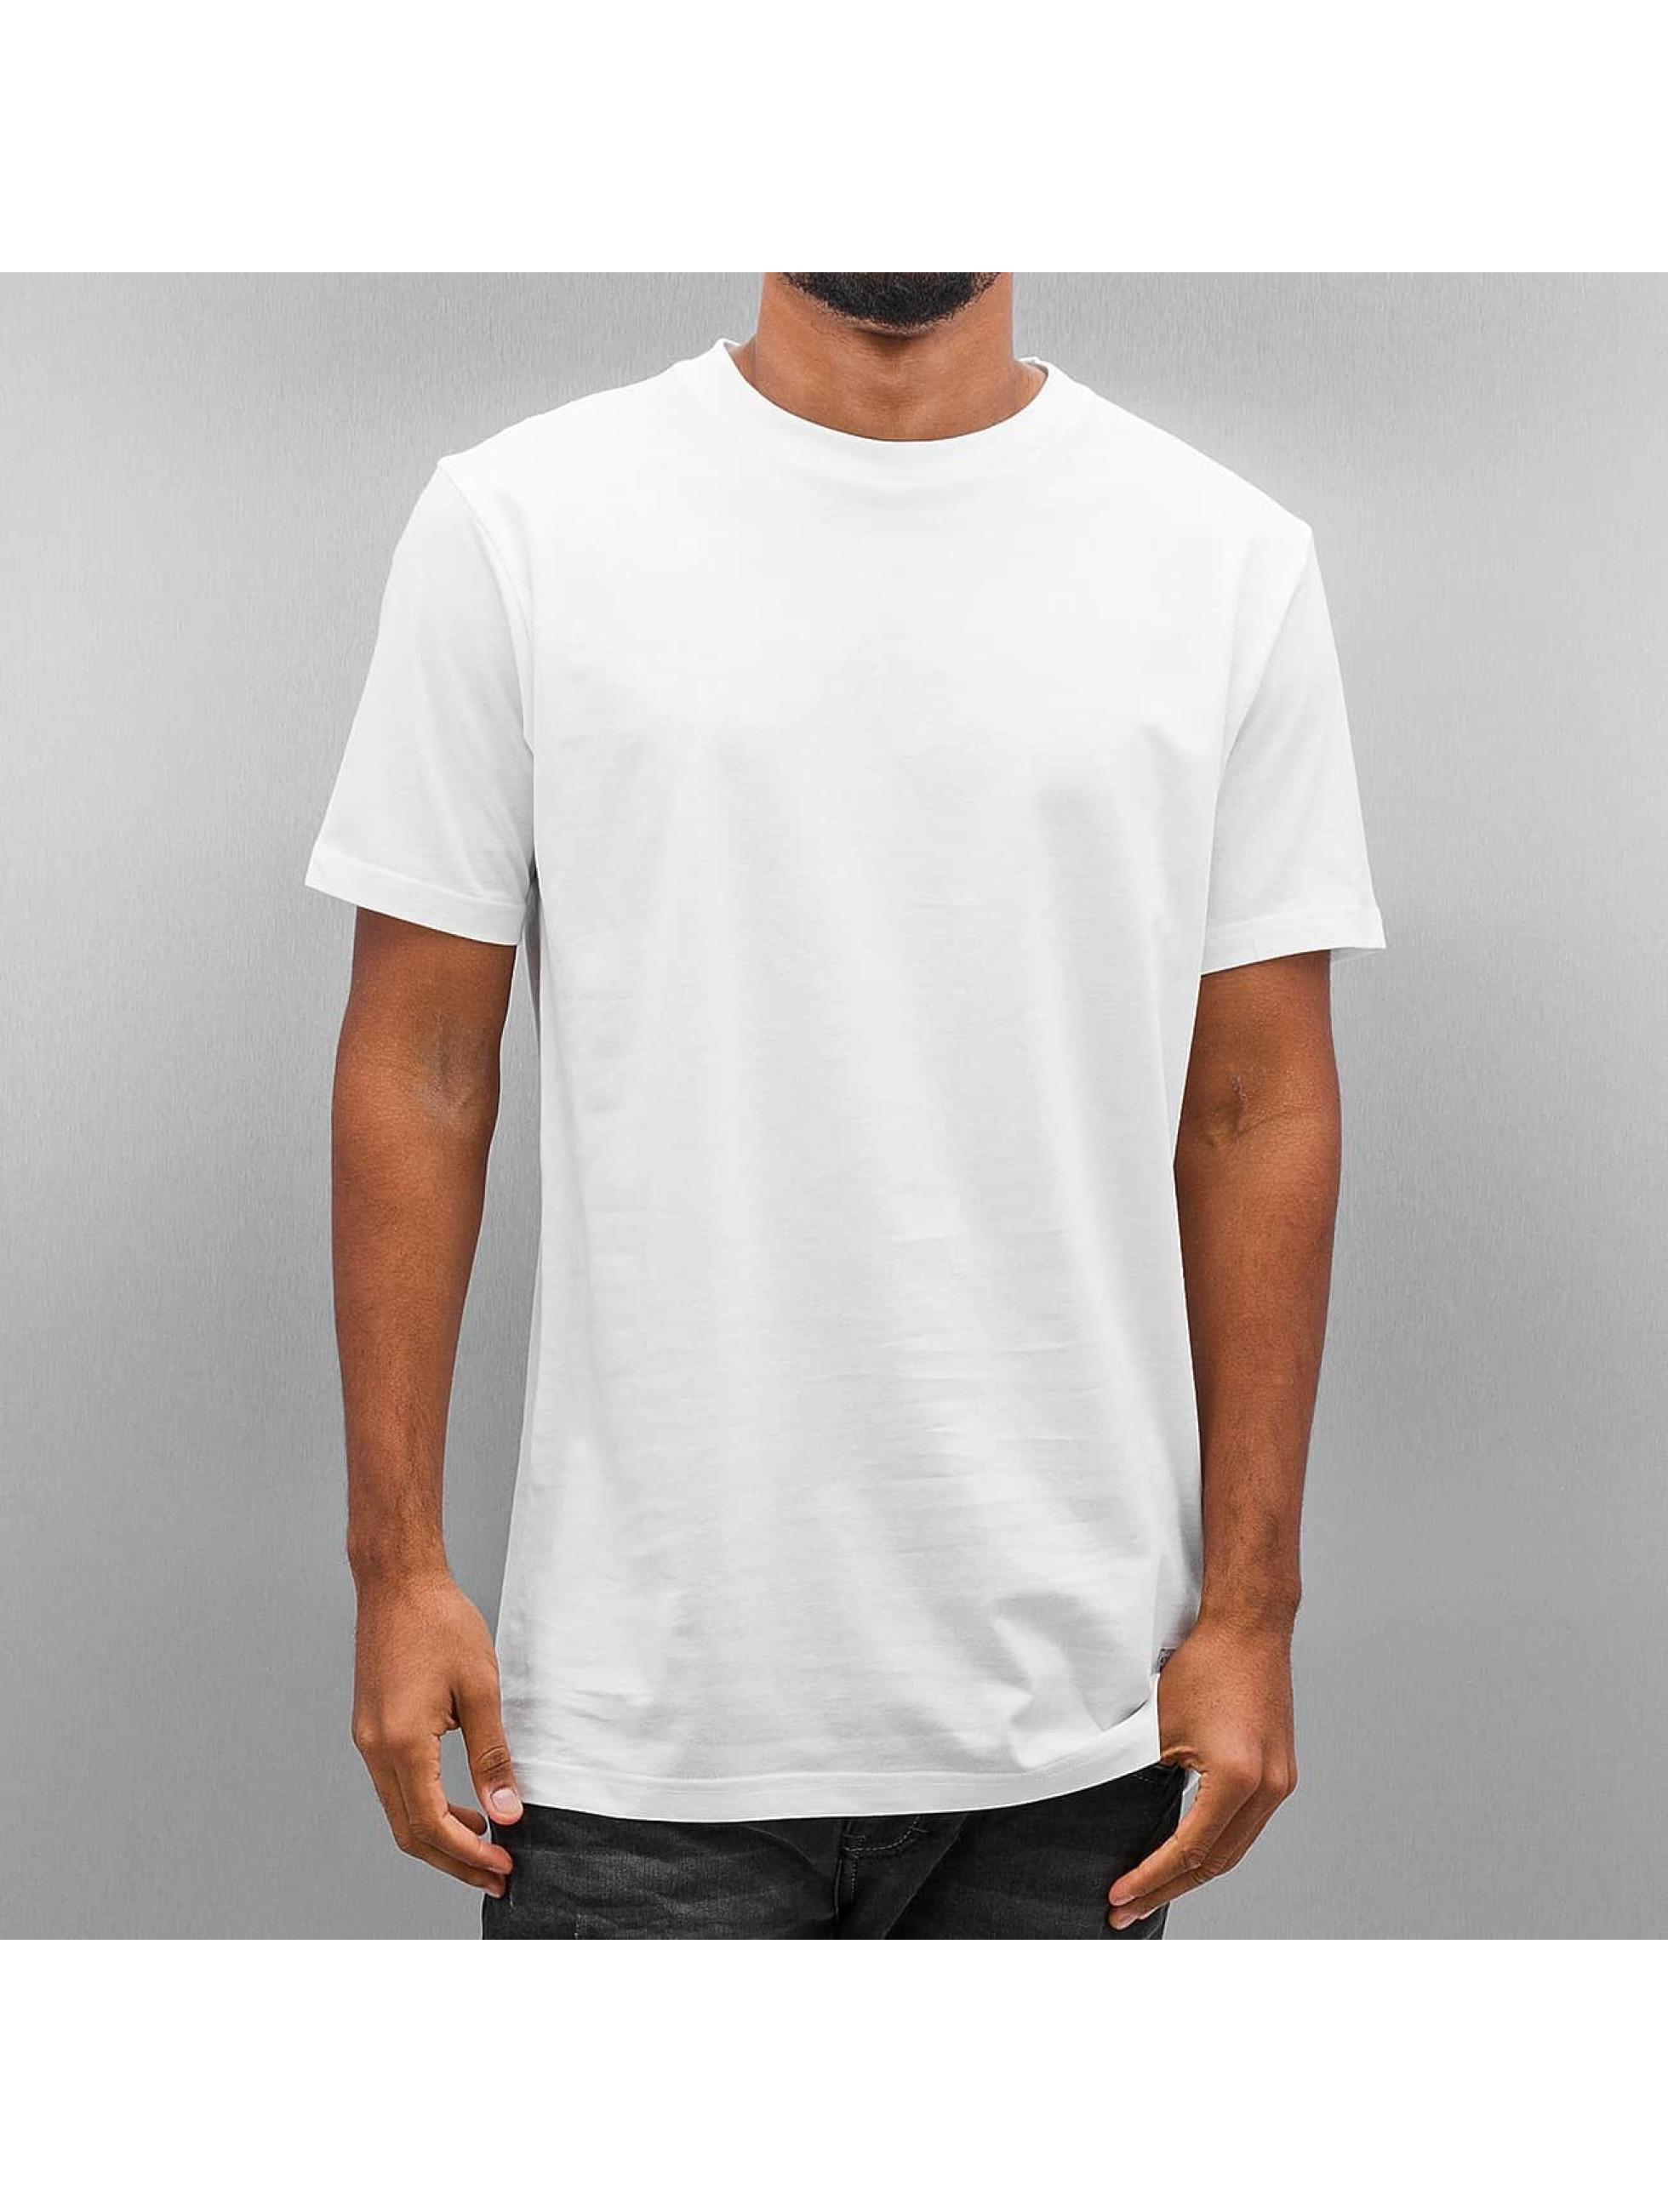 K1X t-shirt Authentic wit